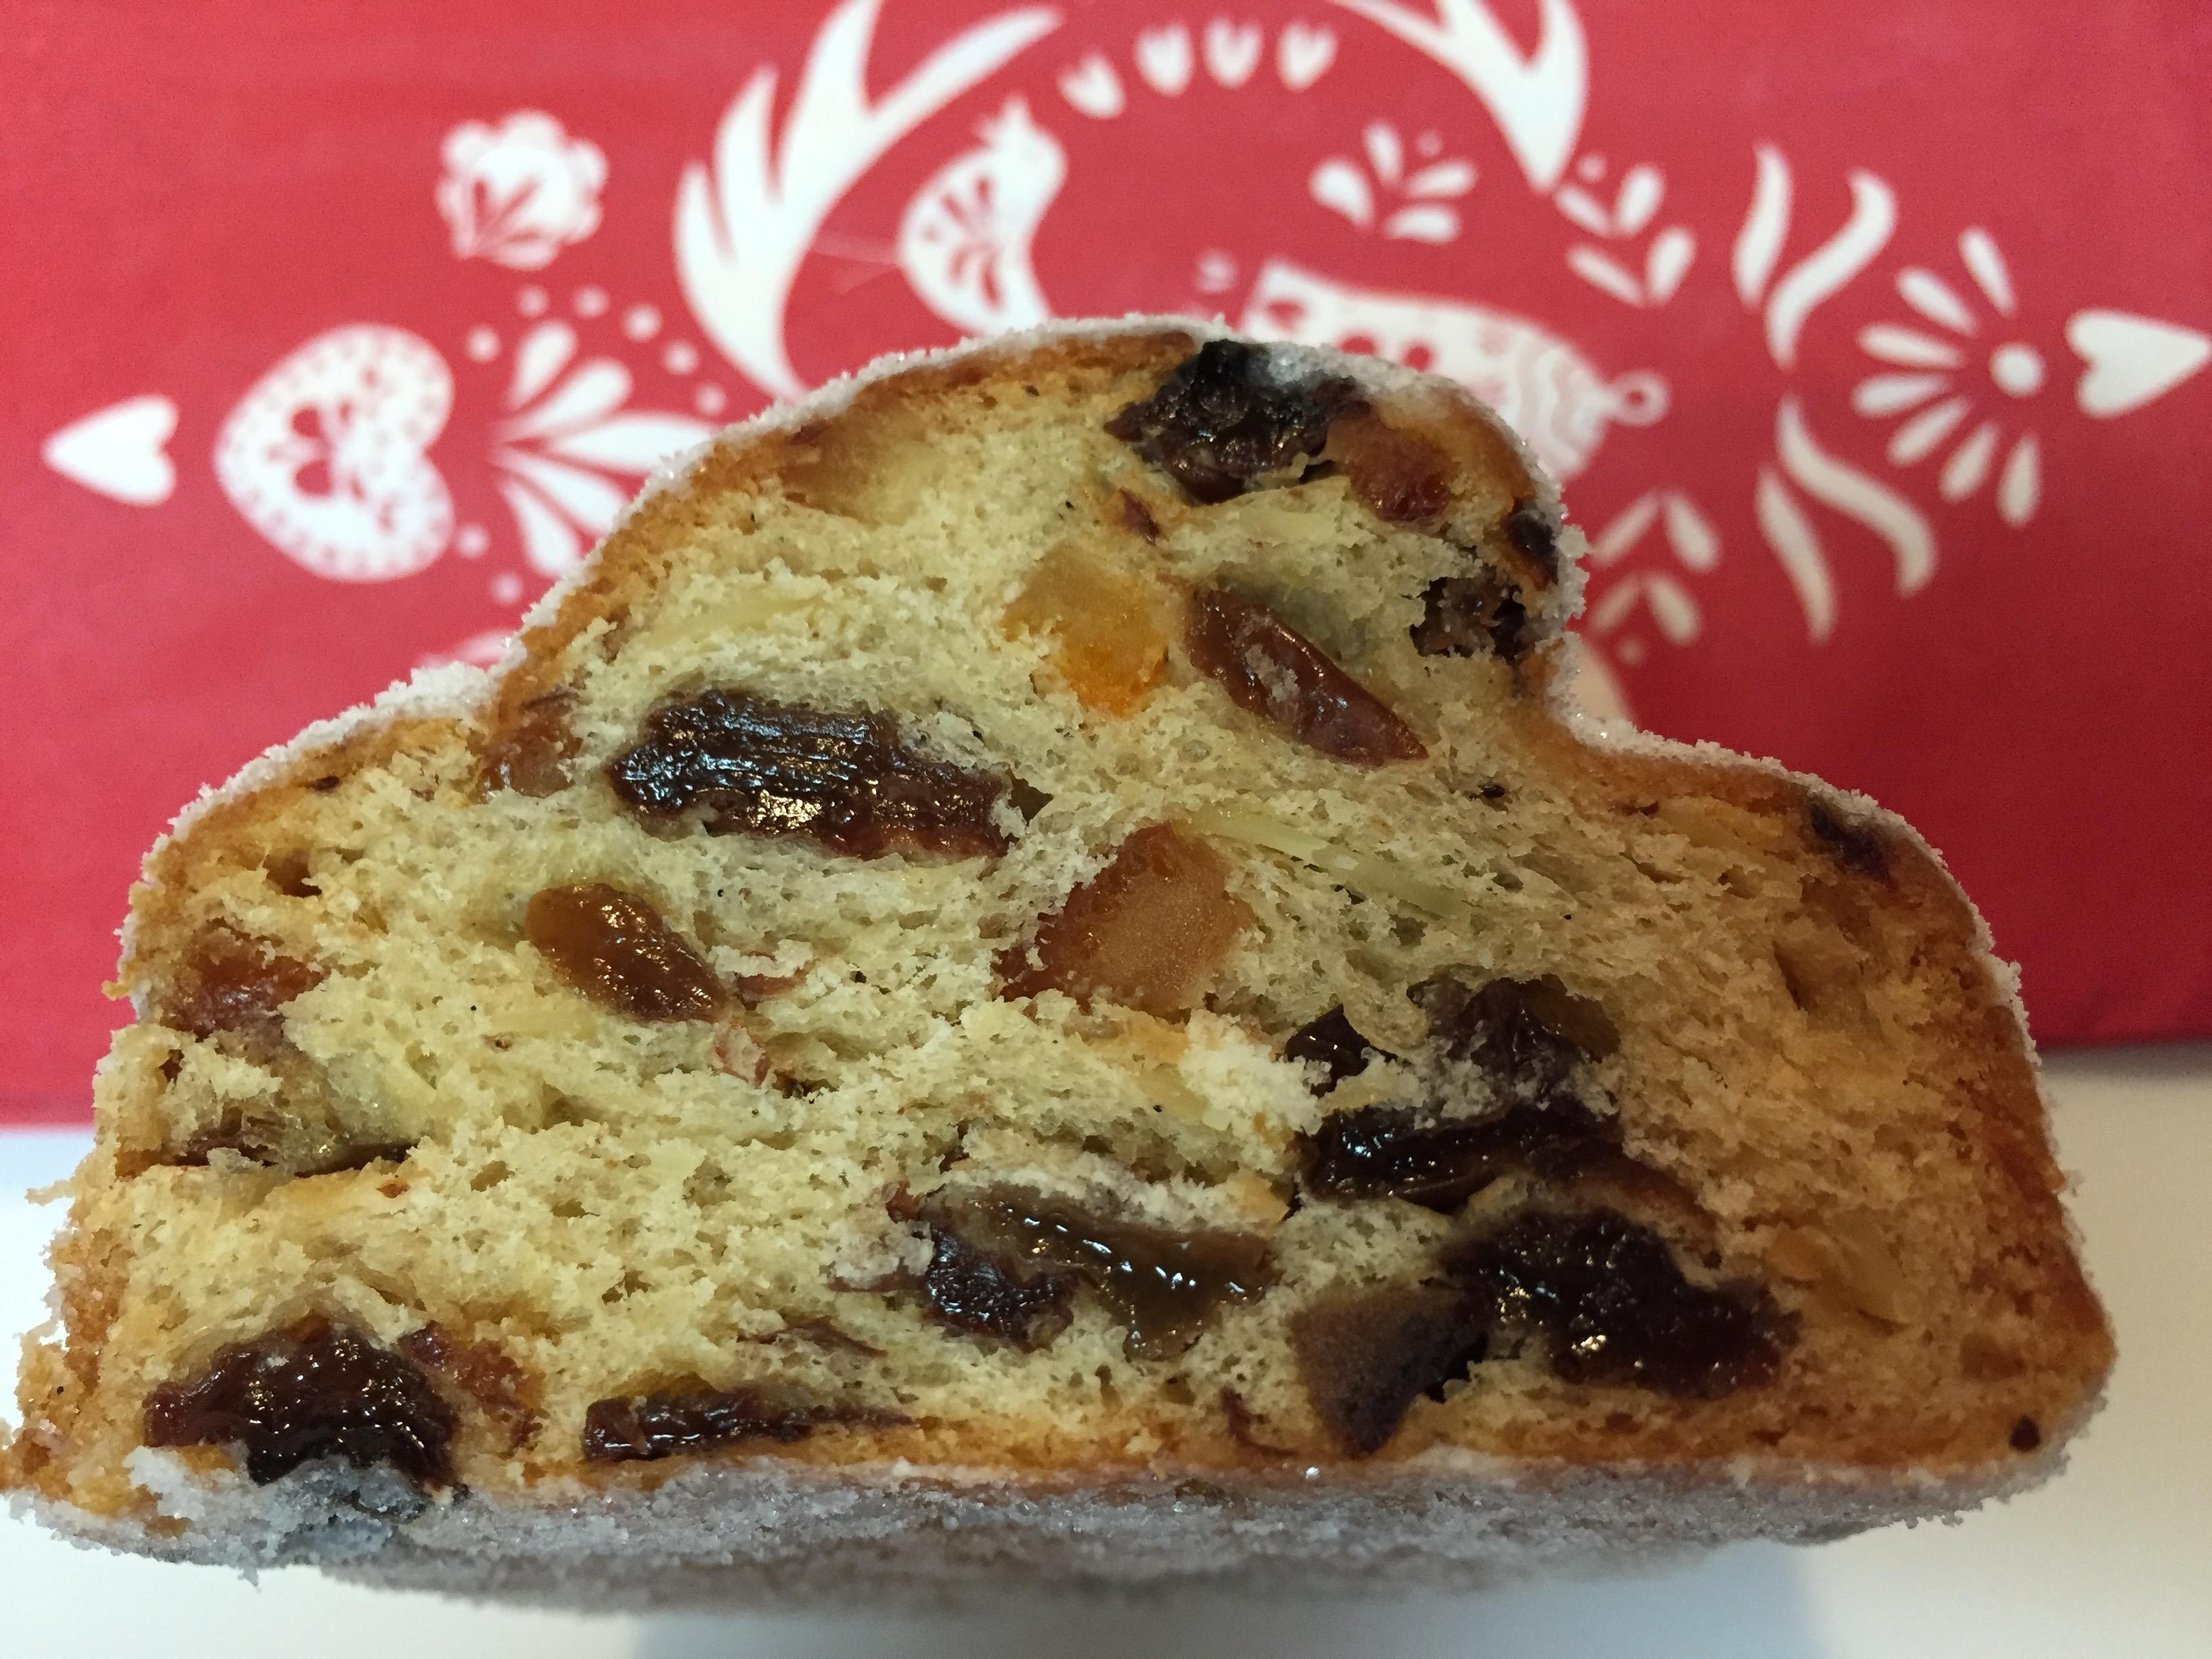 クリスマスケーキの日本と海外の違い シュトーレンの楽しみ方とは?